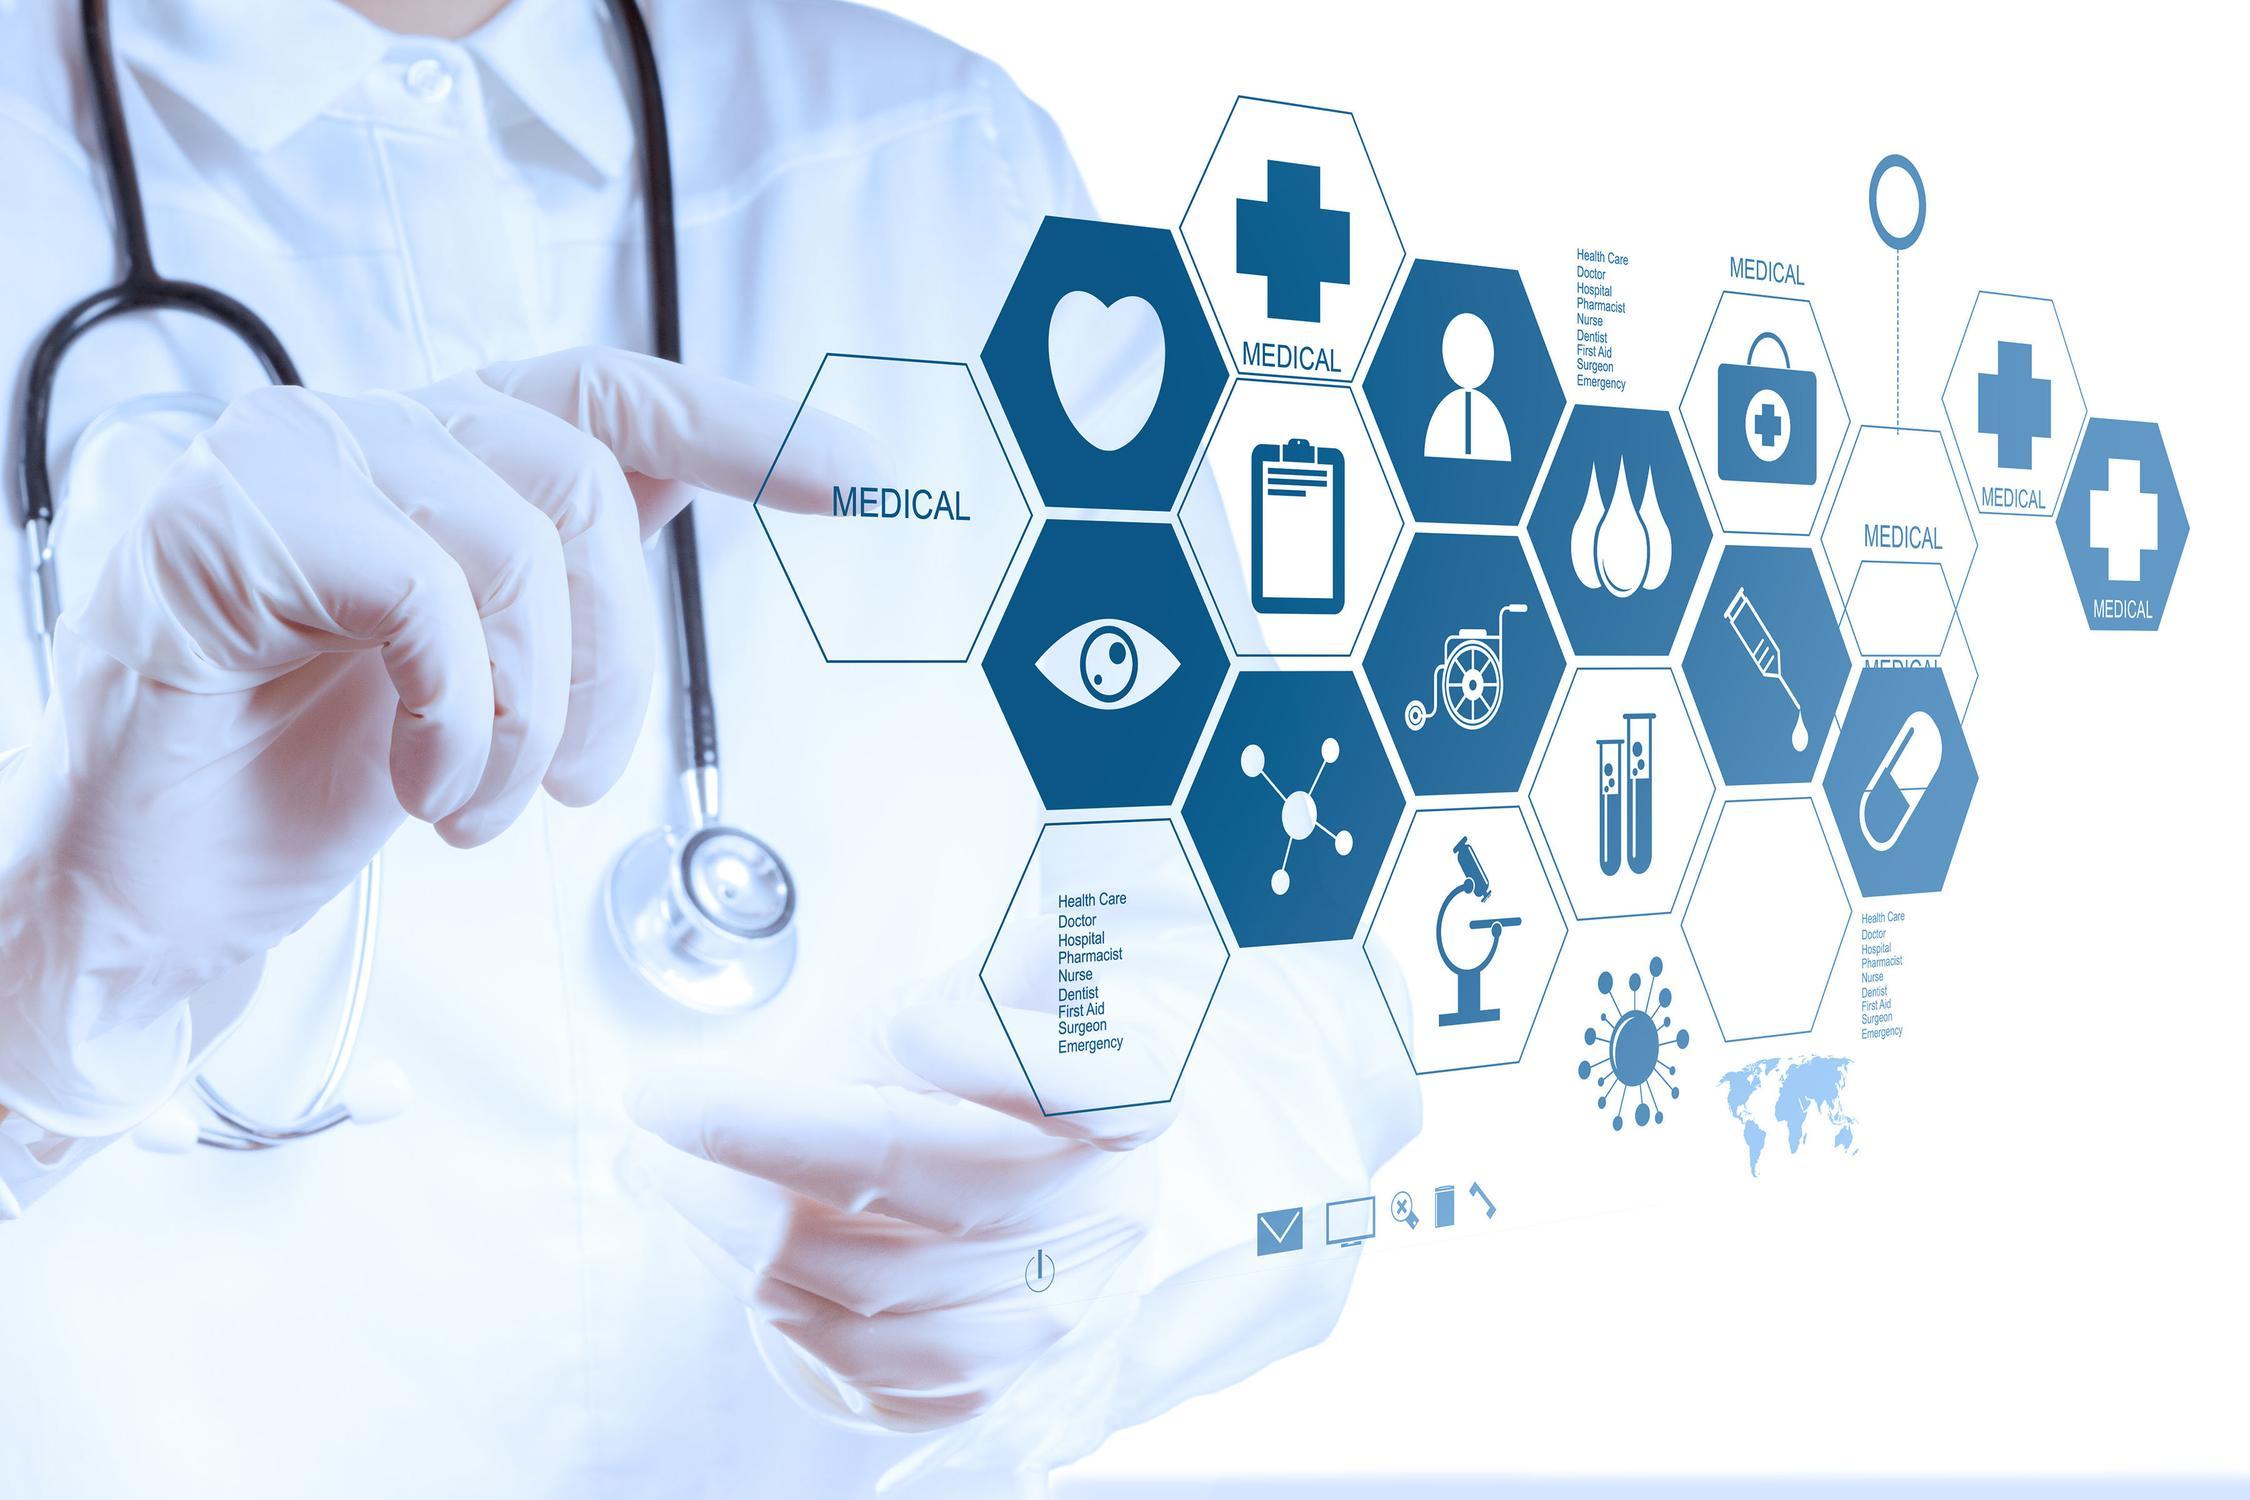 chuyển đổi số trong ngành y tế